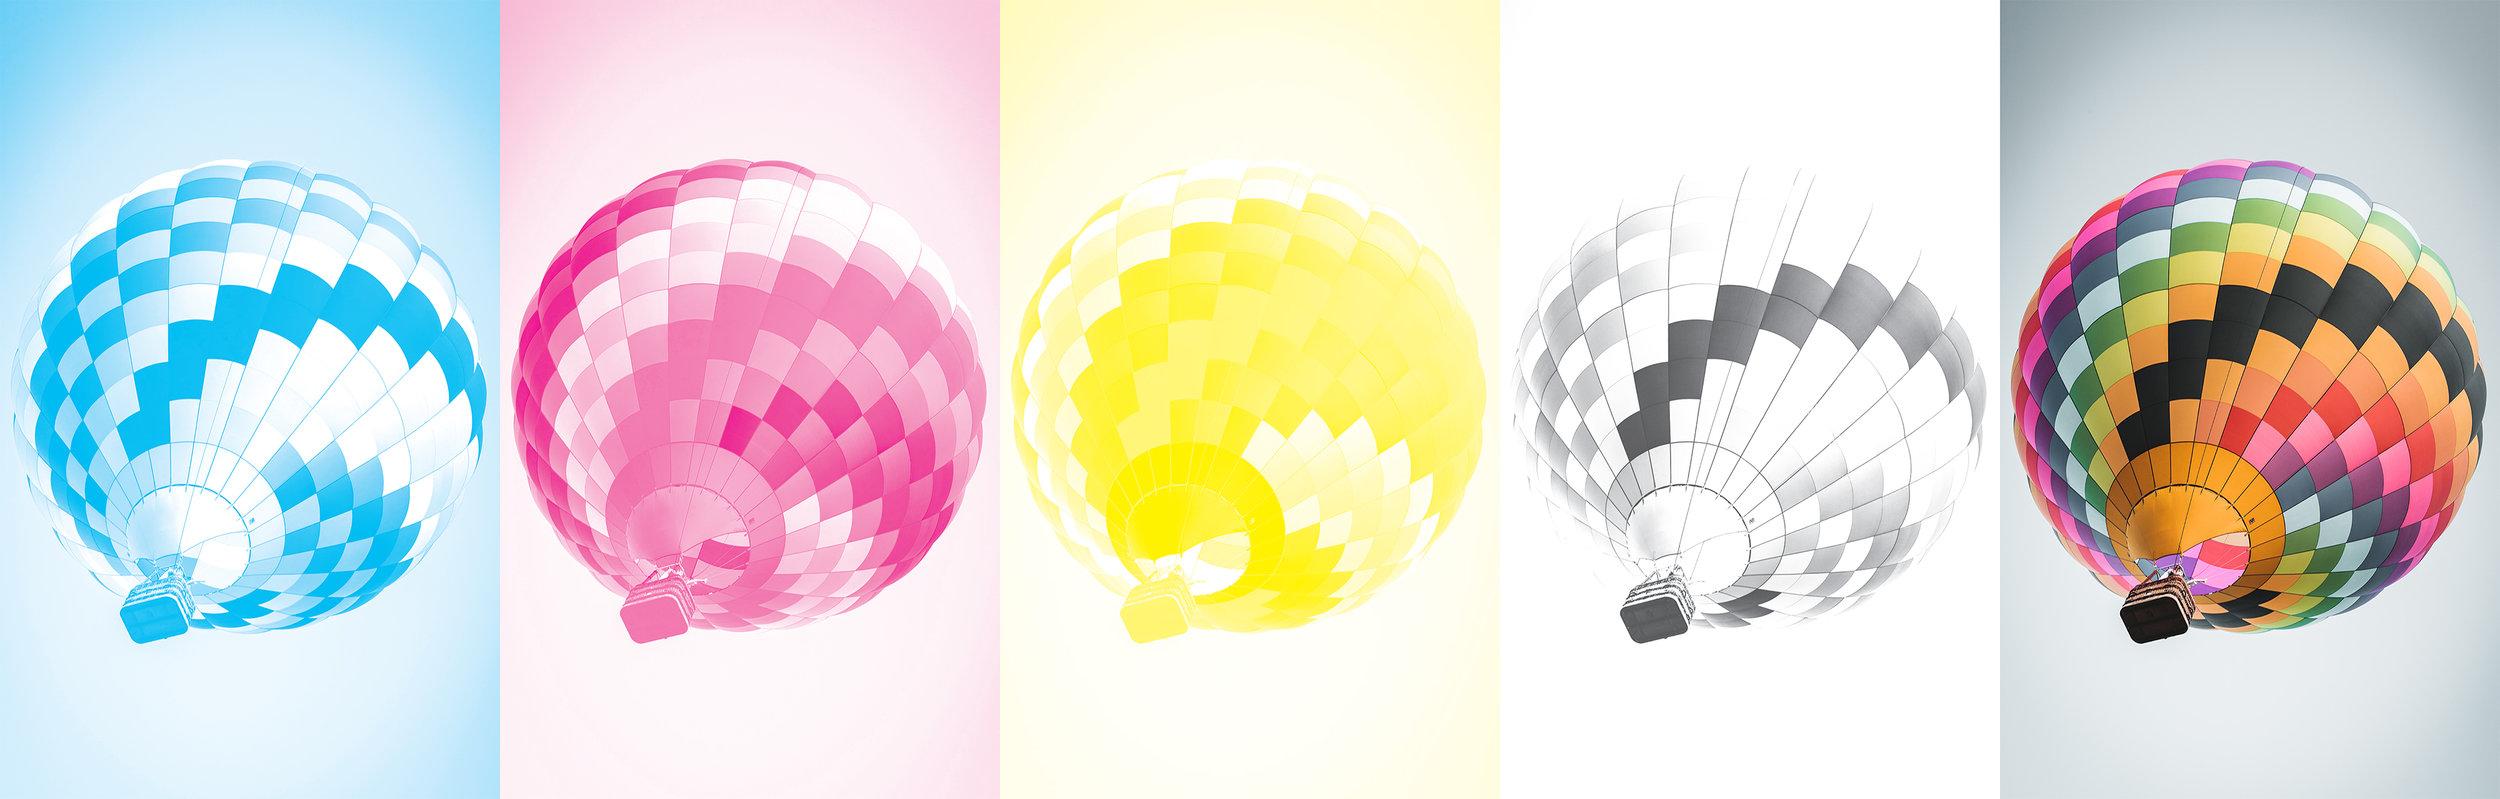 CMYK_hotairballoons.jpg